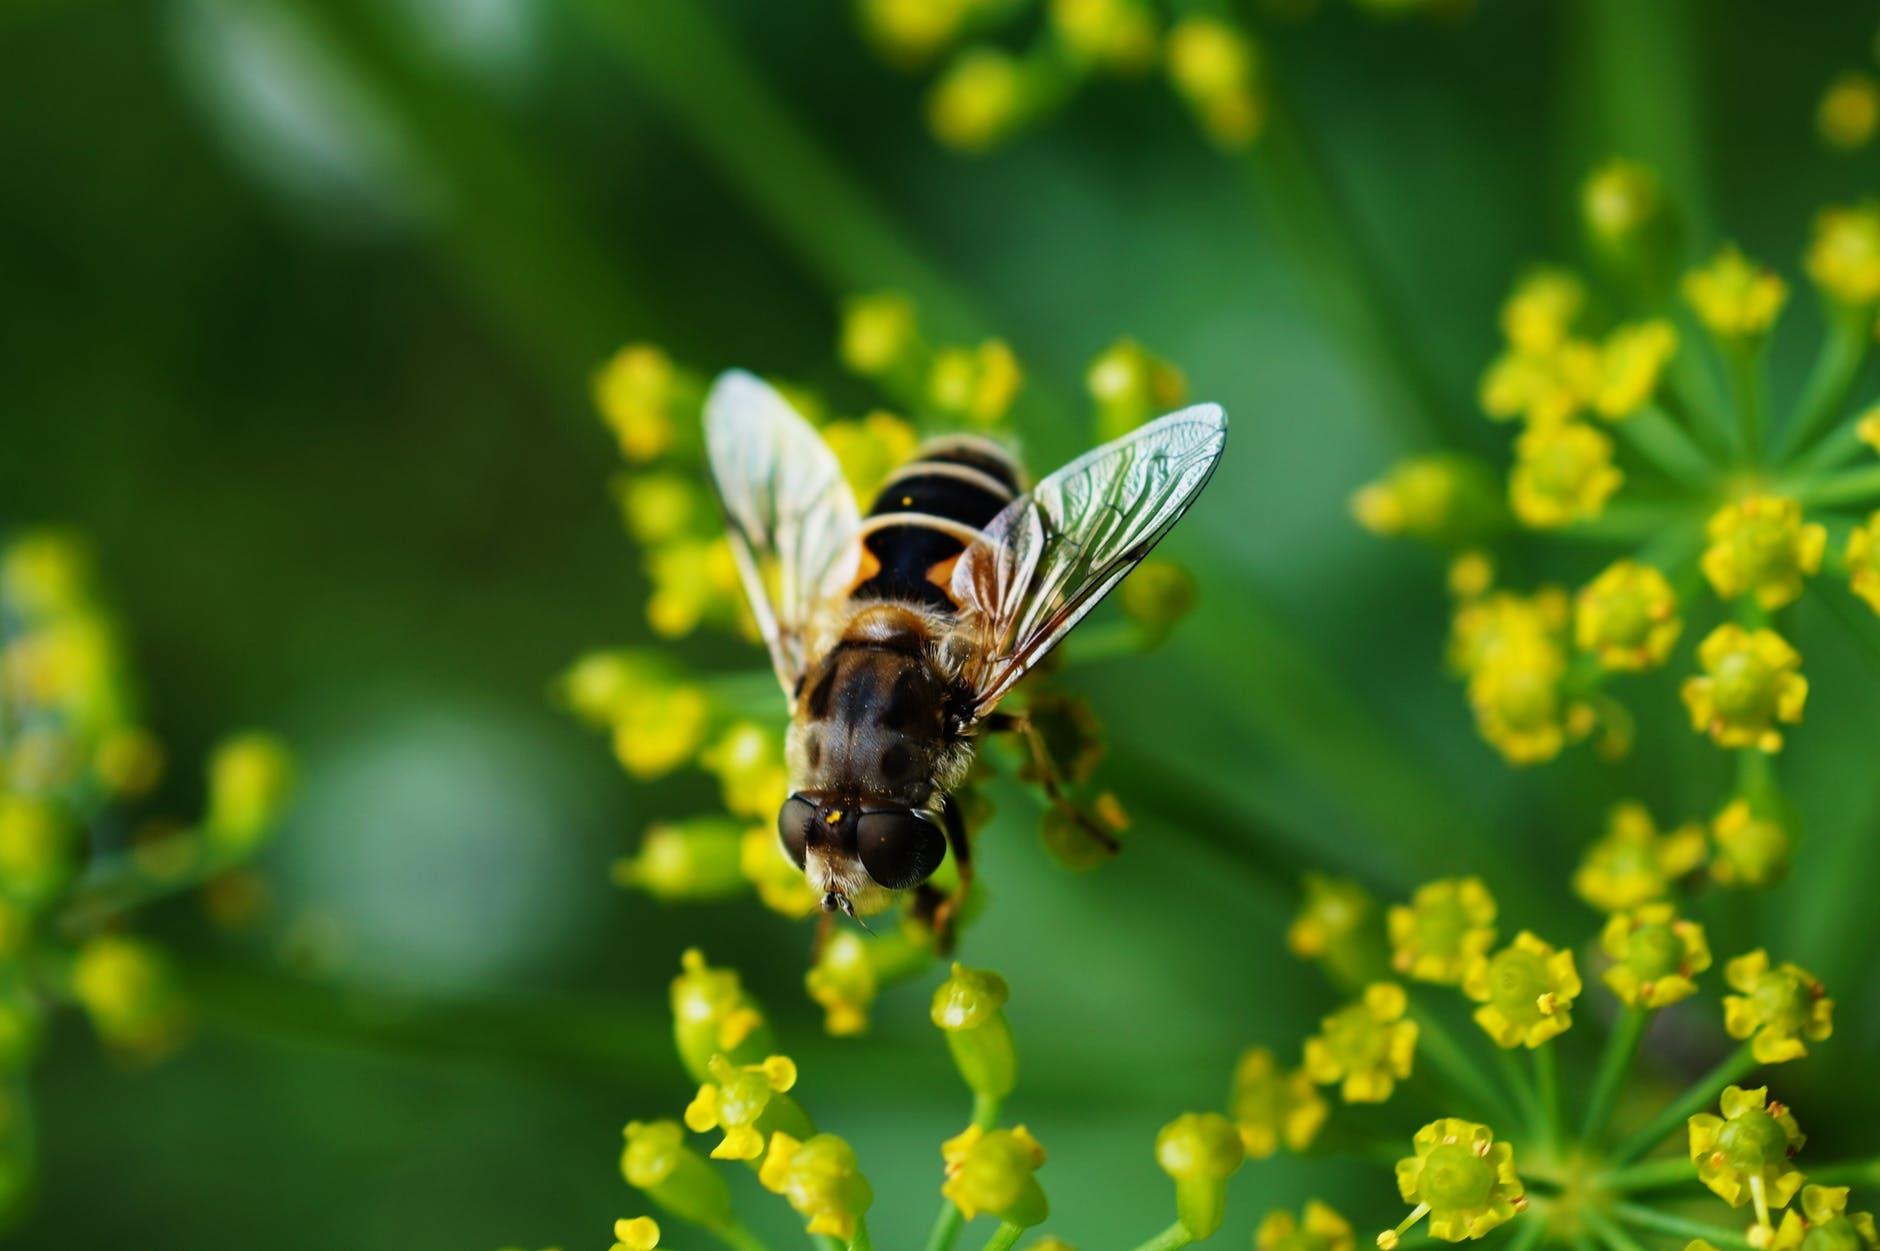 Beckenham Bee Killer: Suspect reported to authorities